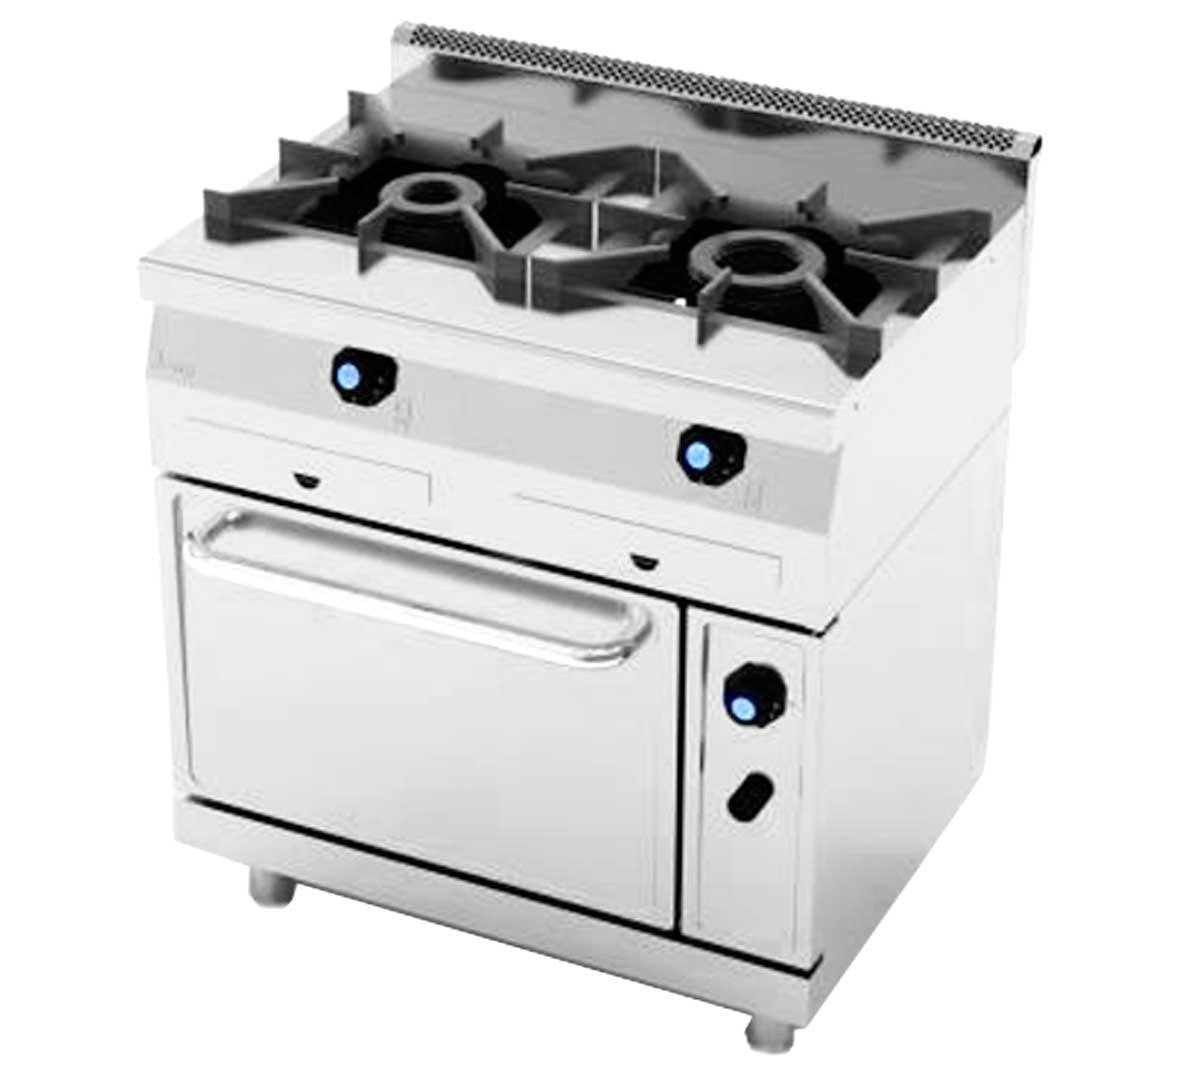 Cocina Con Horno De Gas | Cocina Serie 600 Gas Horno De Jemi